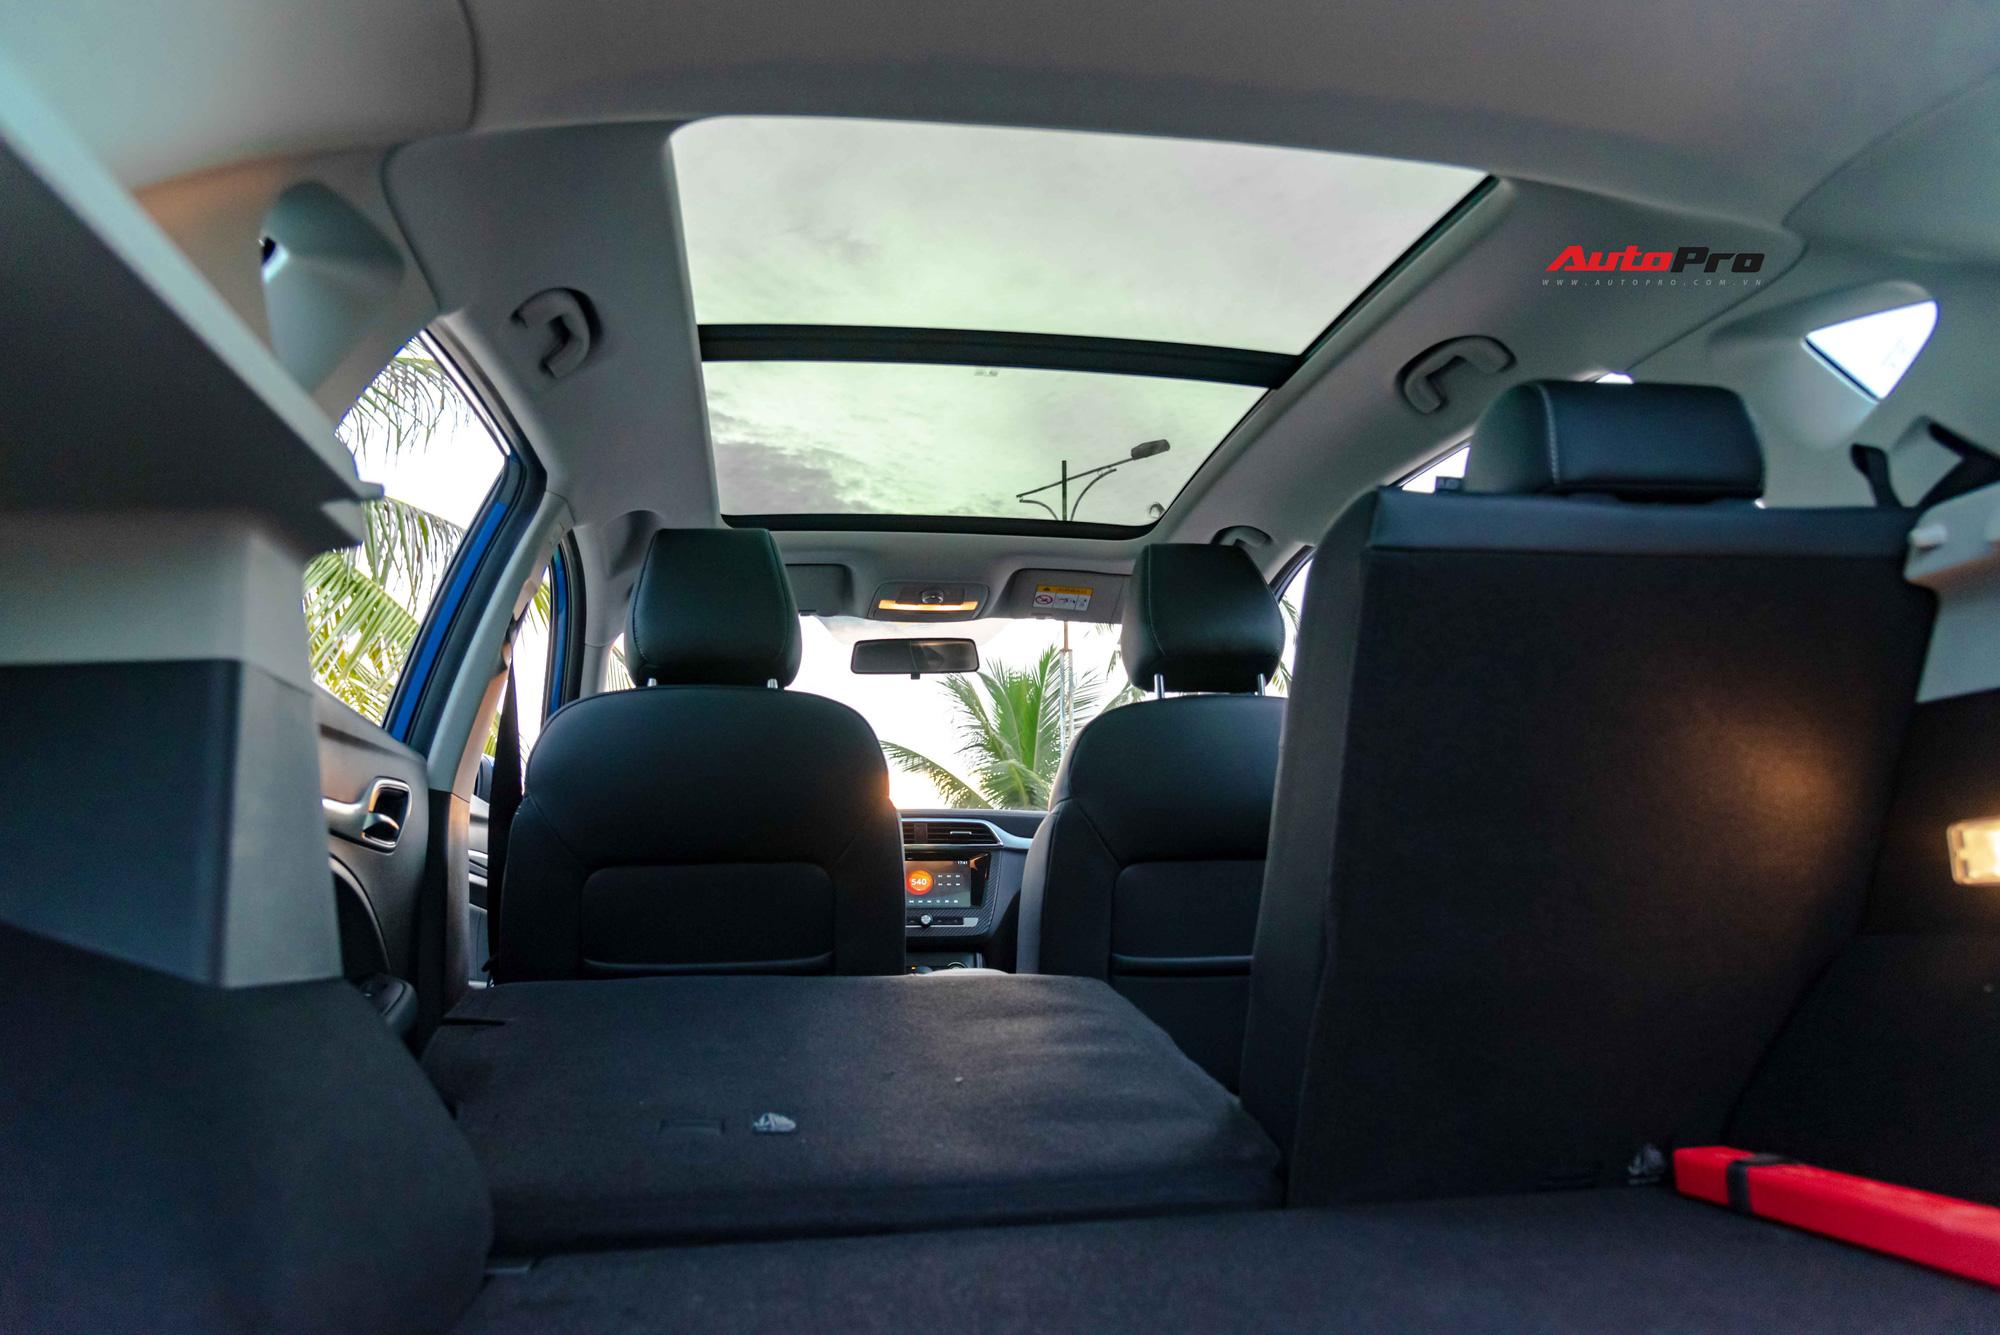 Một trang bị nữa đáng chú ý trên mẫu xe này là cửa sổ trời toàn cảnh. Cửa sổ có thể mở được một nửa, kéo dài từ tận đầu hàng ghế trước đến cuối hàng ghế sau. MG cho biết cửa sổ trời này chiếm 90% diện tích trần xe.